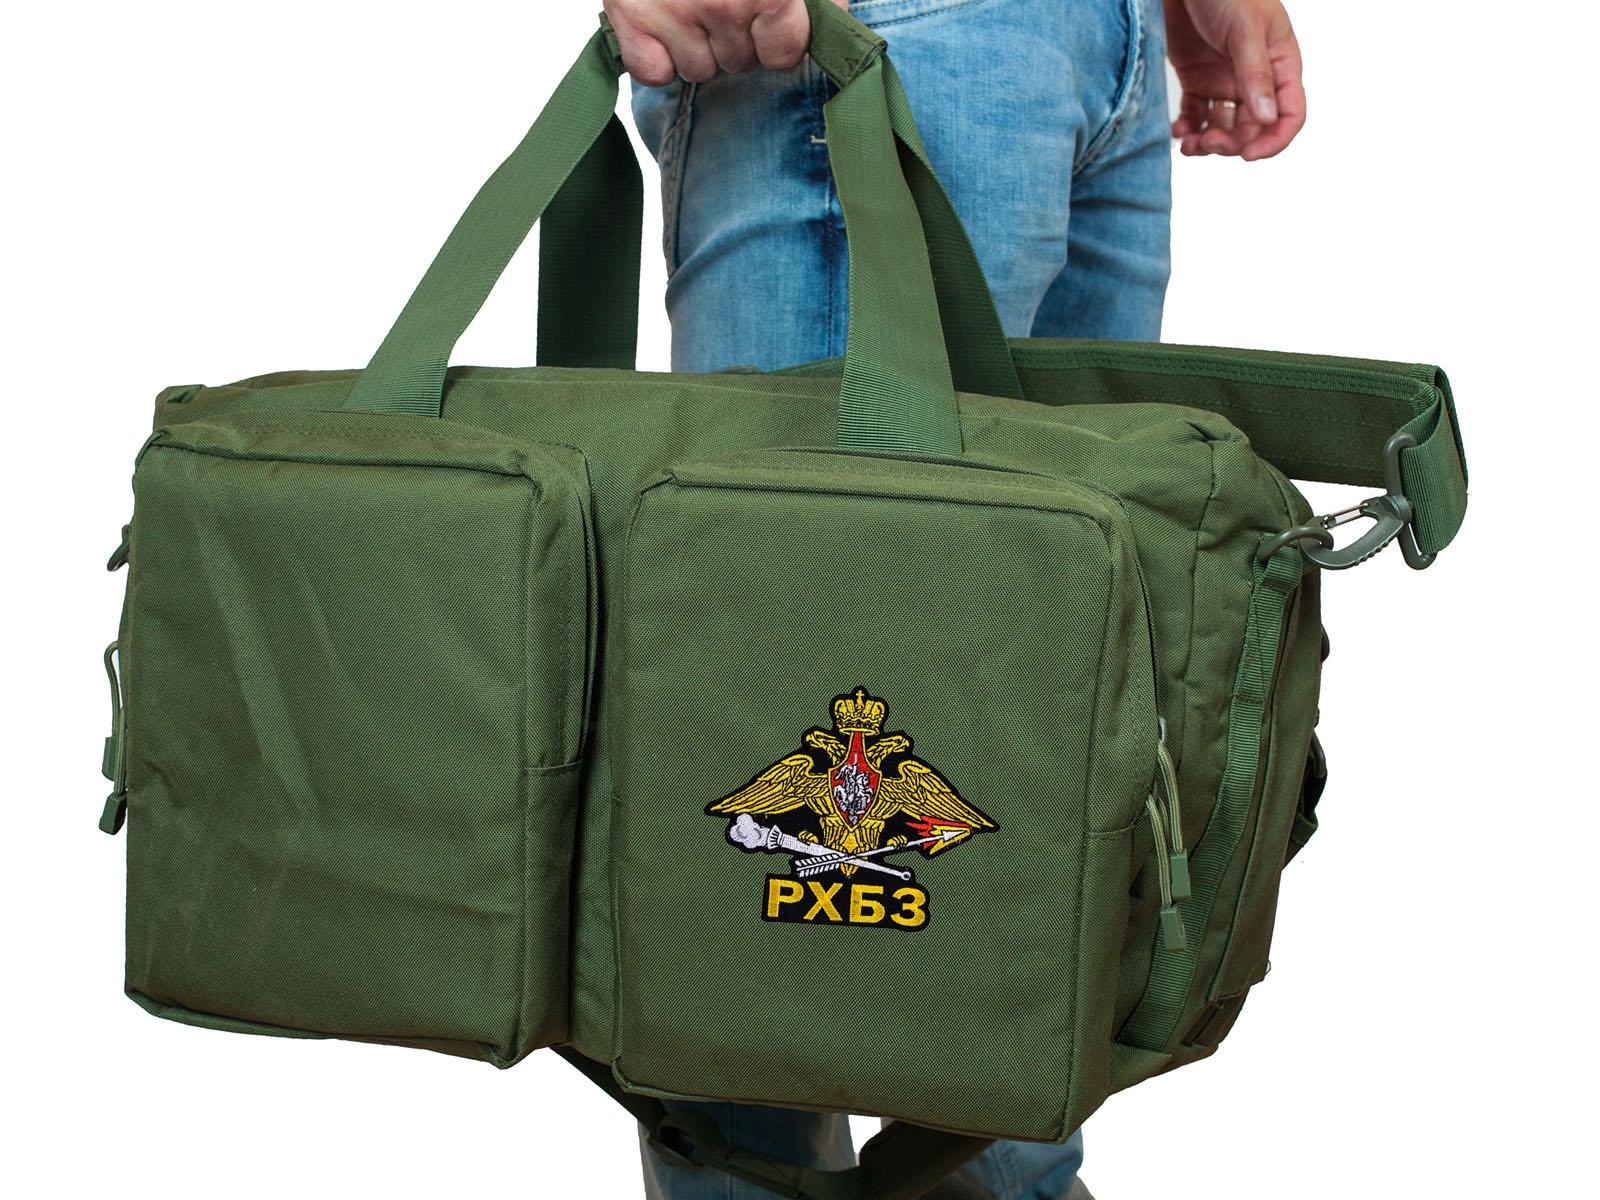 Полевая сумка-рюкзак в цвете хаки с эмблемой РХБЗ купить выгодно